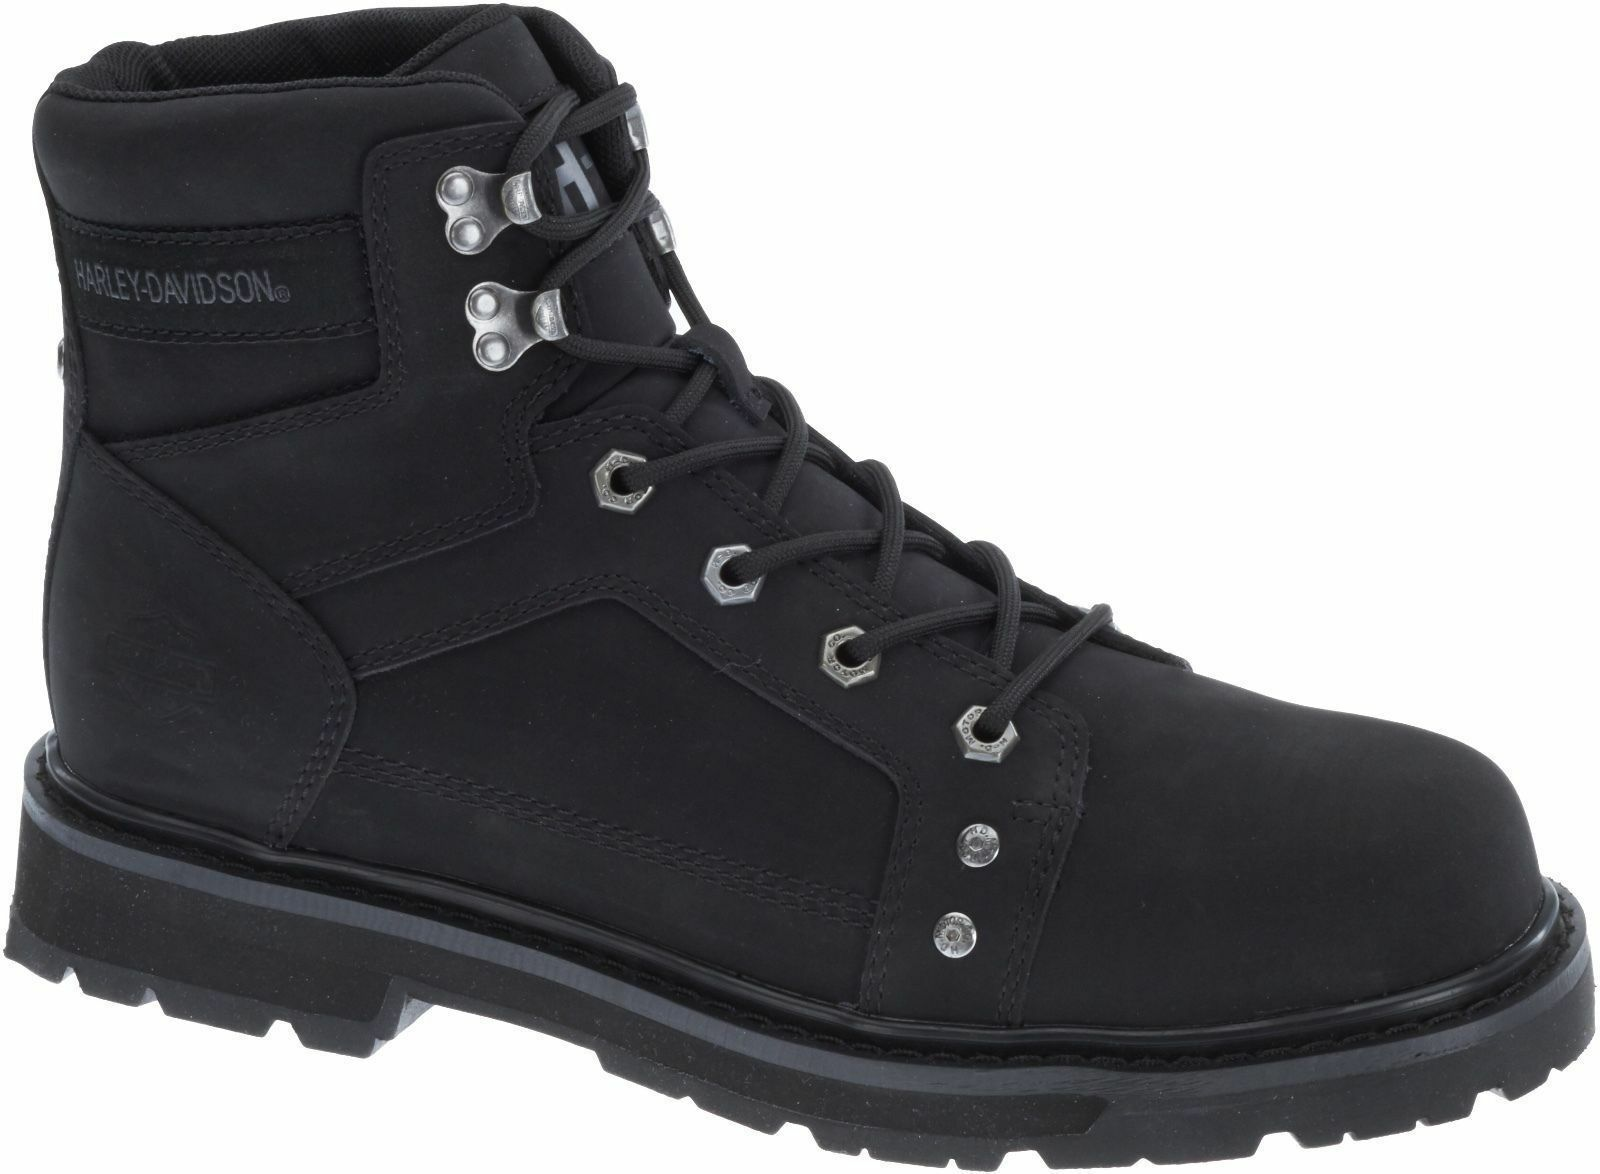 Harley-Davidson Stiefel Stiefel leicht Herren Leder schwarz 93377 KEATING schwarz